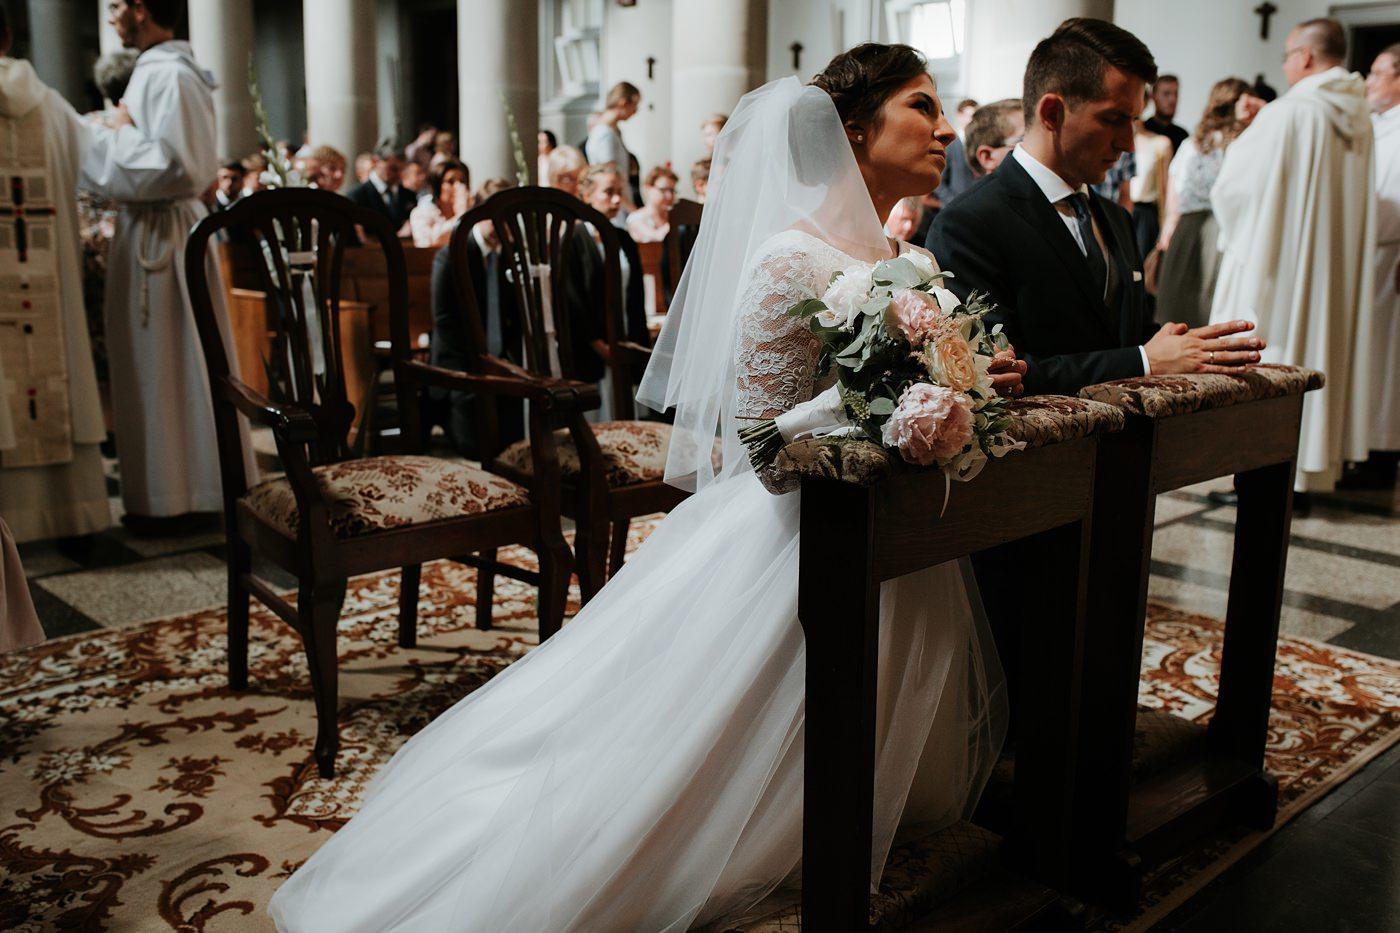 Dominika & Aleksander - Rustykalne wesele w stodole - Baborówko 65